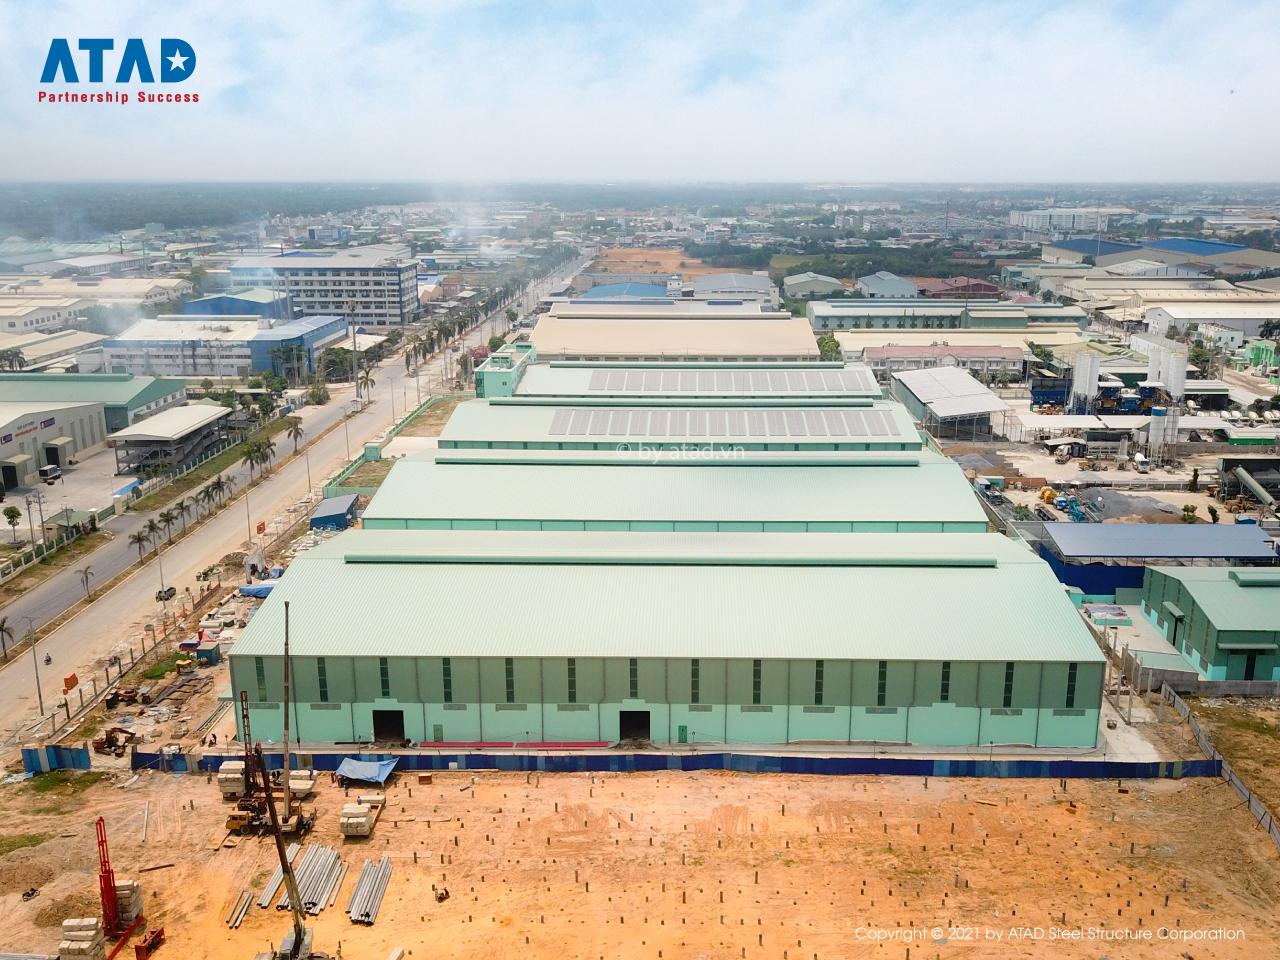 ATAD hoàn thành dự án Nhà máy sản xuất thiết bị Điện Mạnh Phương (MPE) tại Long An